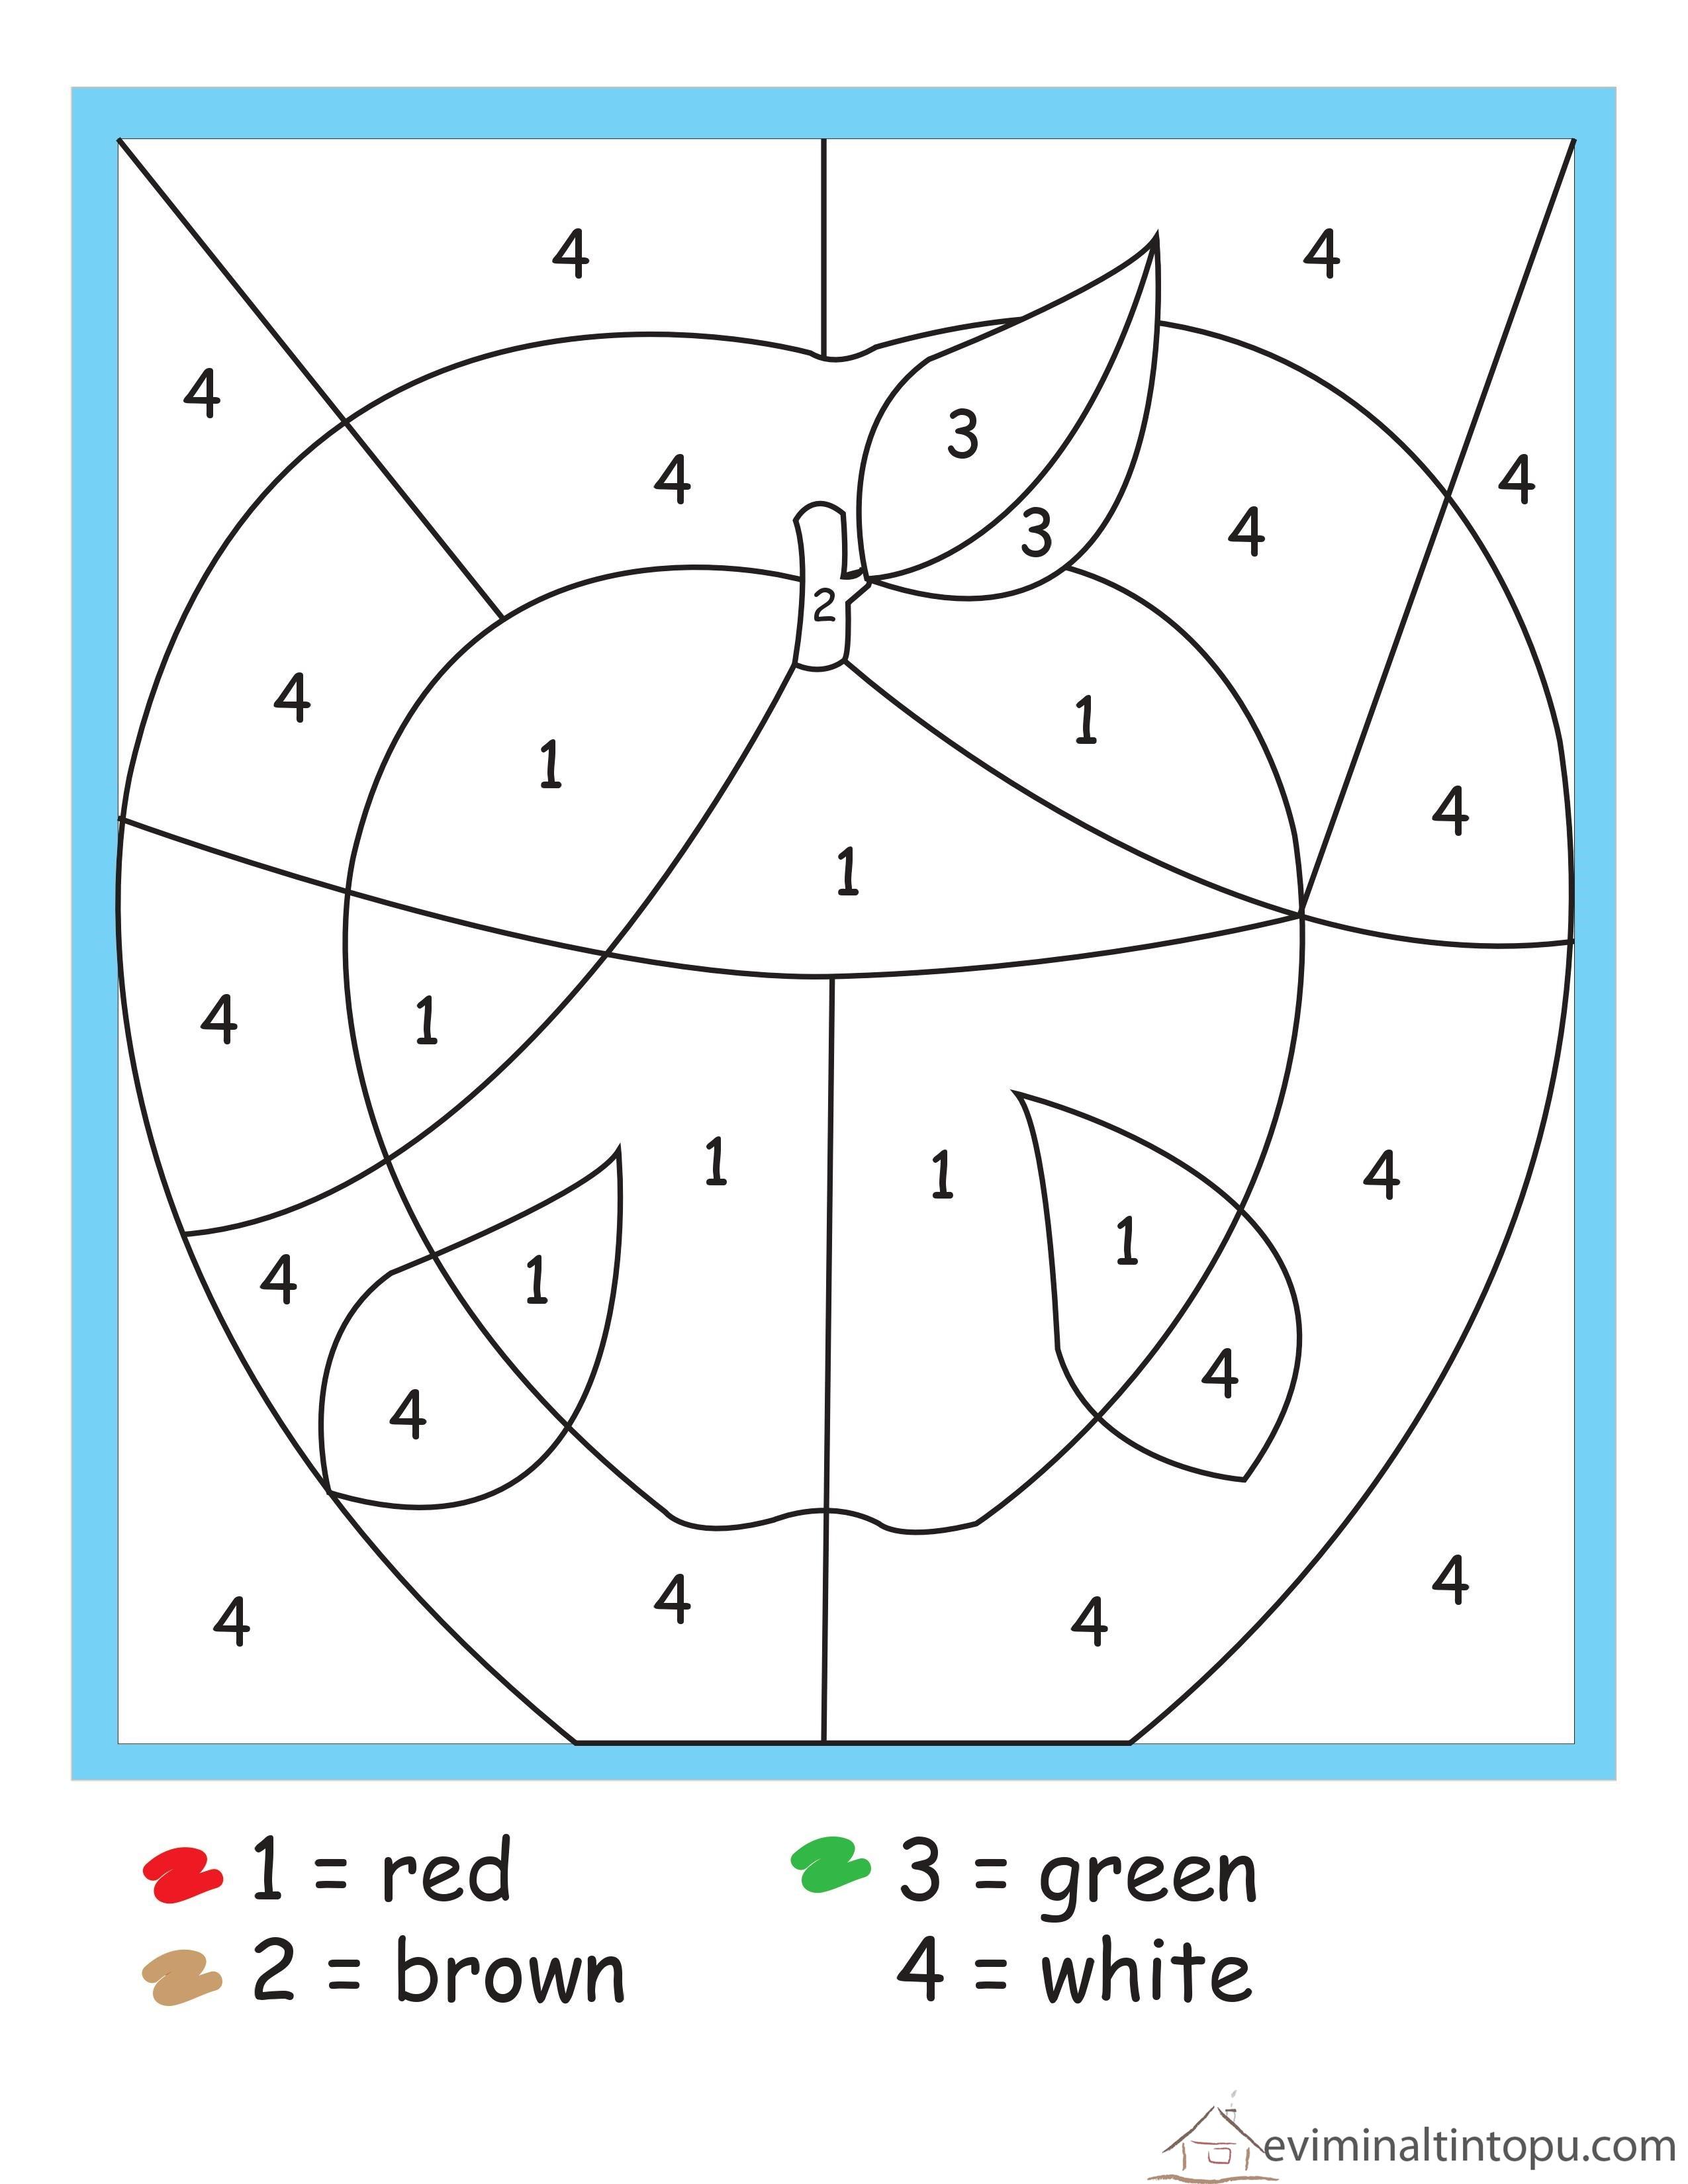 Matematik Boyama çalışmaları Evimin Altın Topu